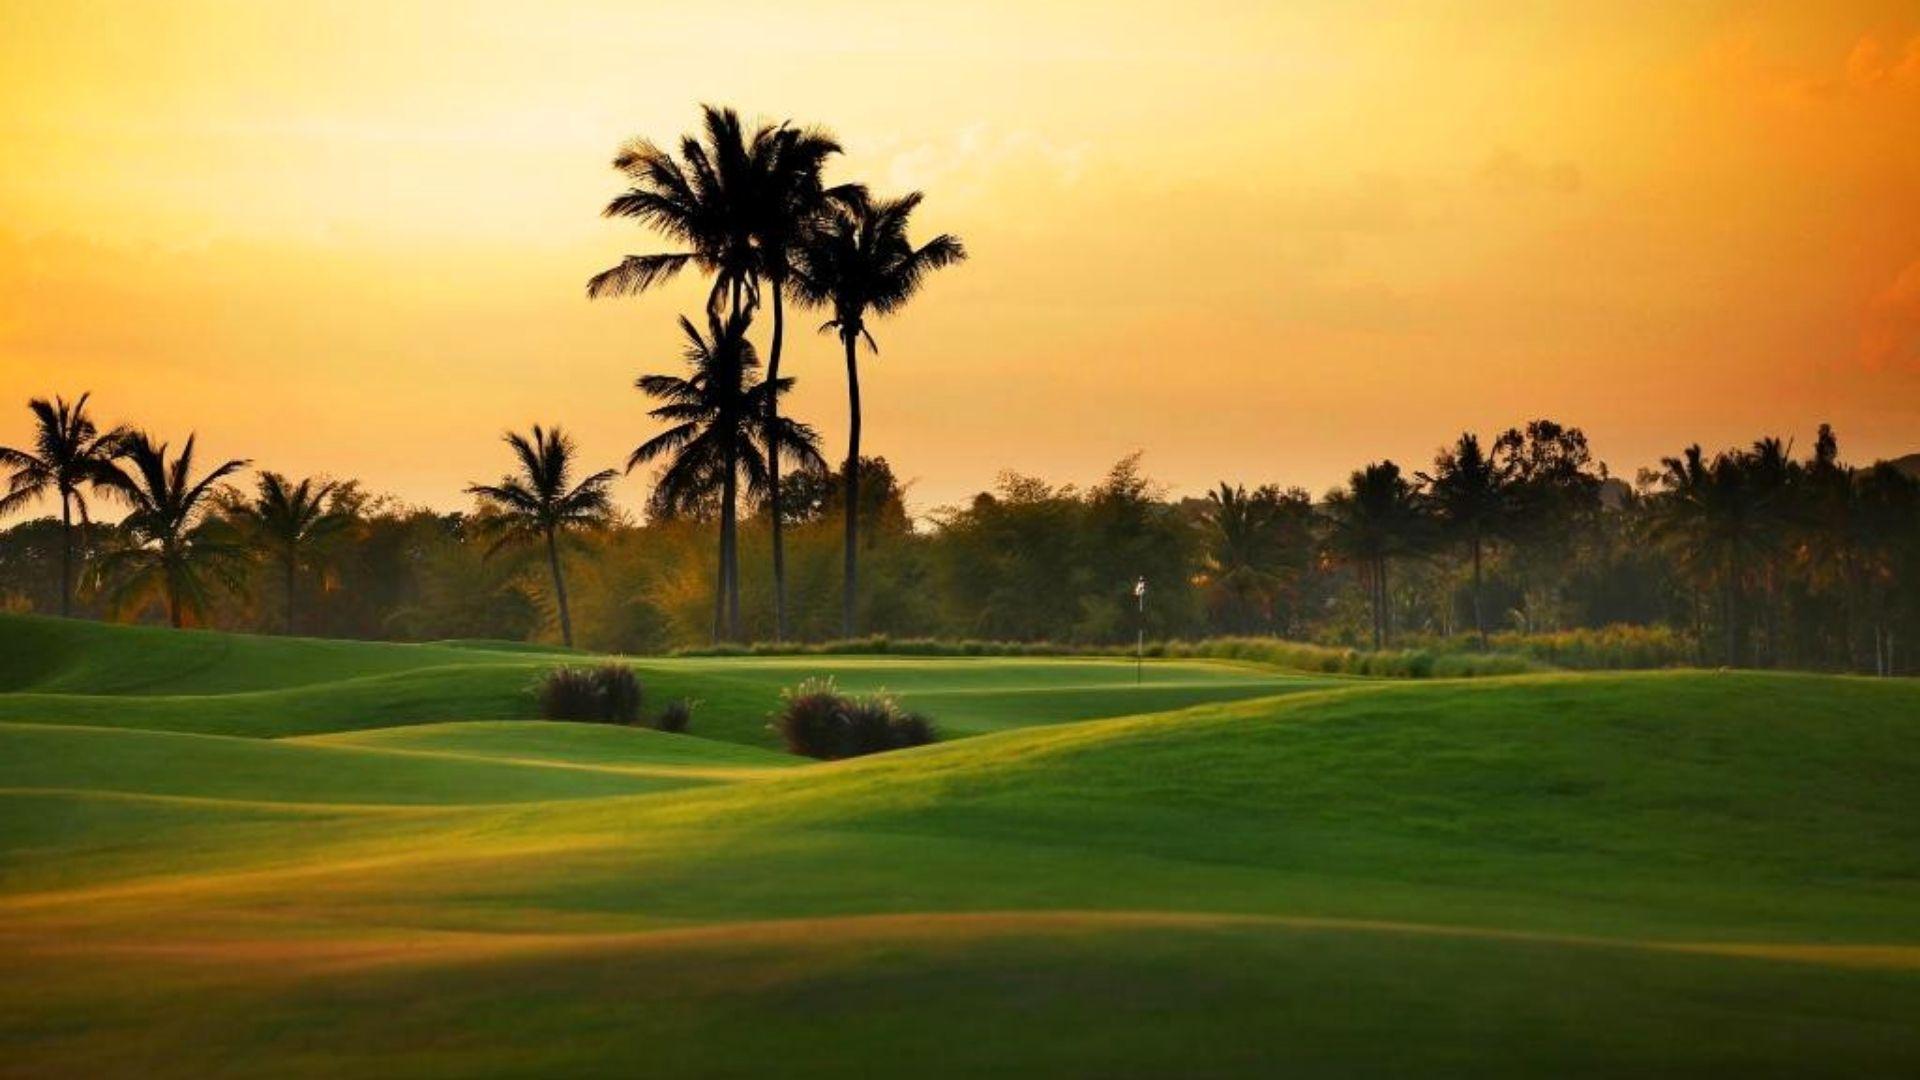 Prestige Golfshire Villas Golf Club | luxuryproperties.in